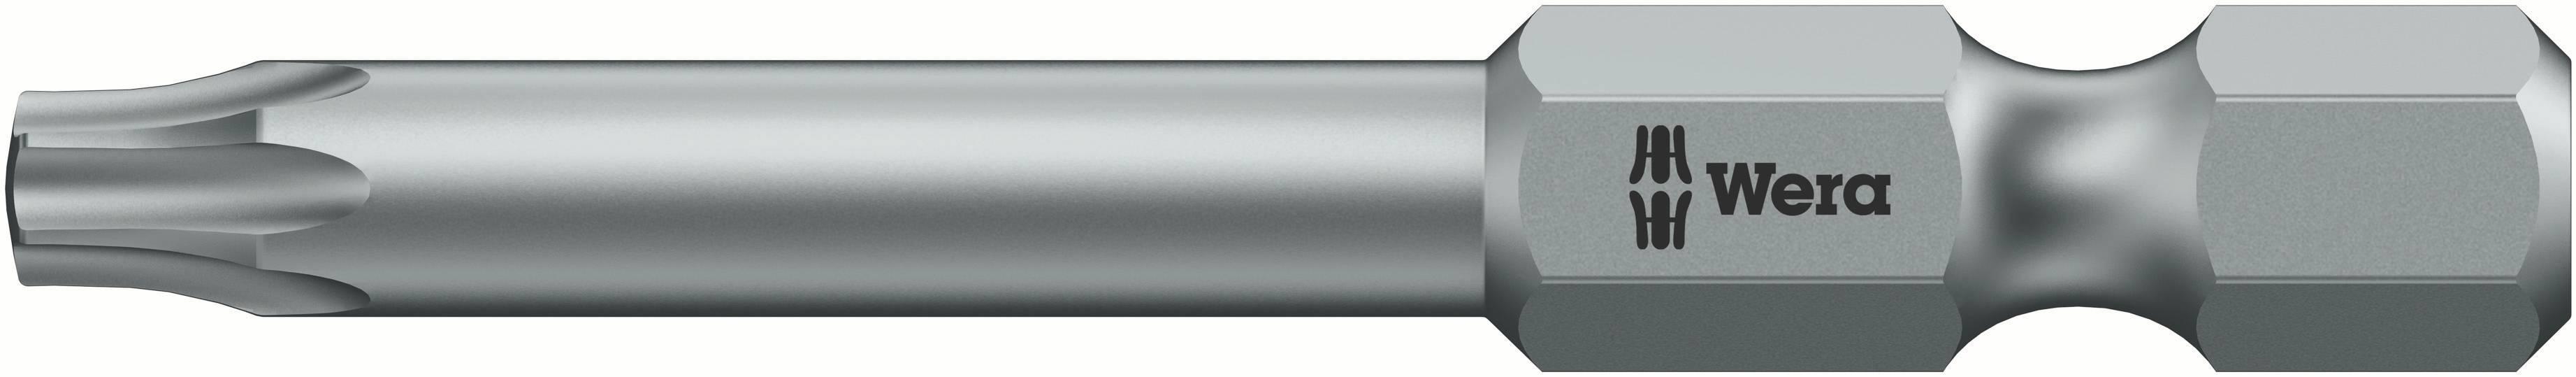 Bit Torx Wera 867 / 4 Z TORX 27 X 70 MM 05060120001, 70 mm, nástrojová oceľ, legované, 1 ks